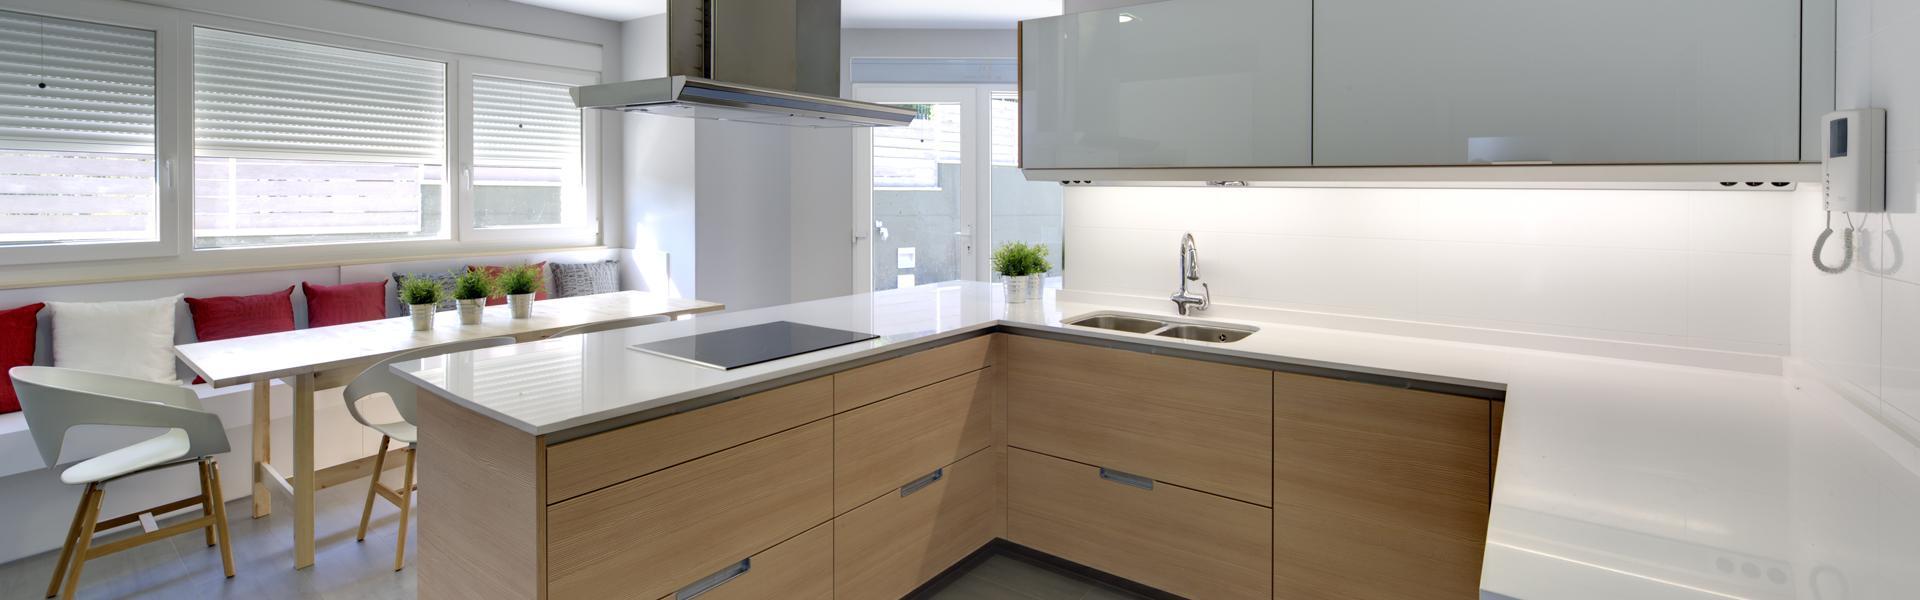 Cocinas de vidrio estudio cocinas dc - Cocinas de cristal ...